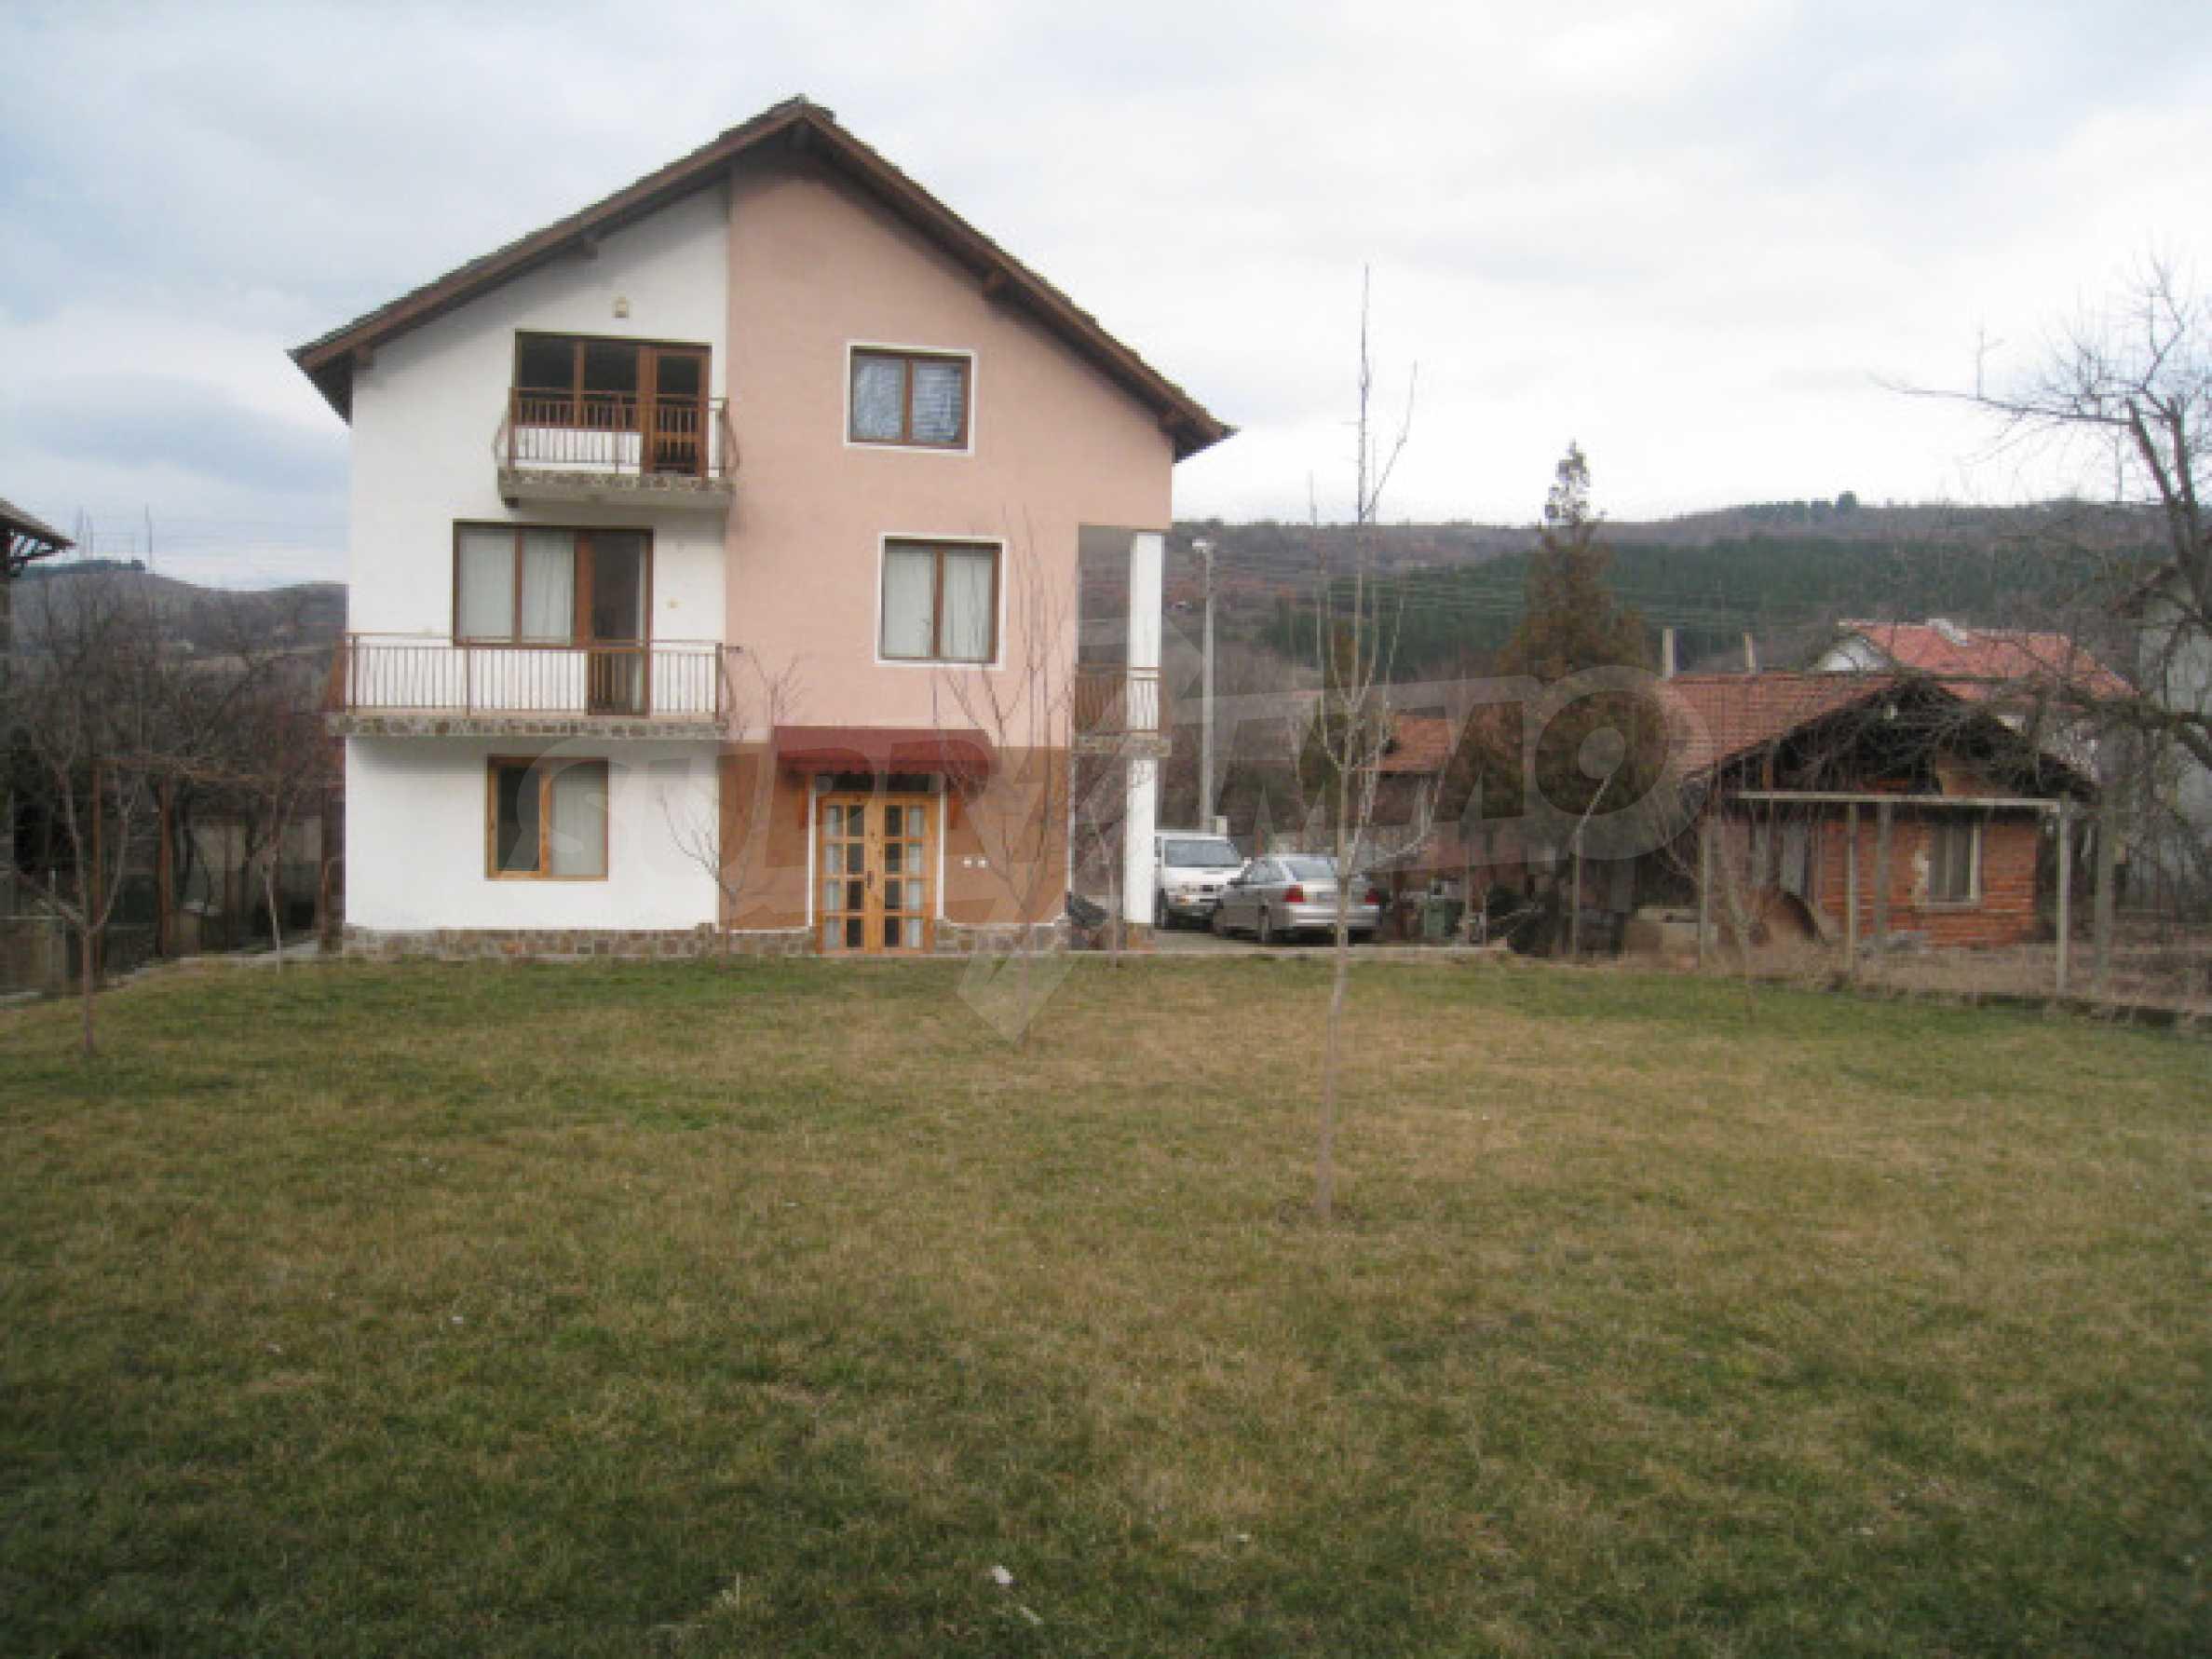 Хубава къща с прекрасни гледки към планината 40